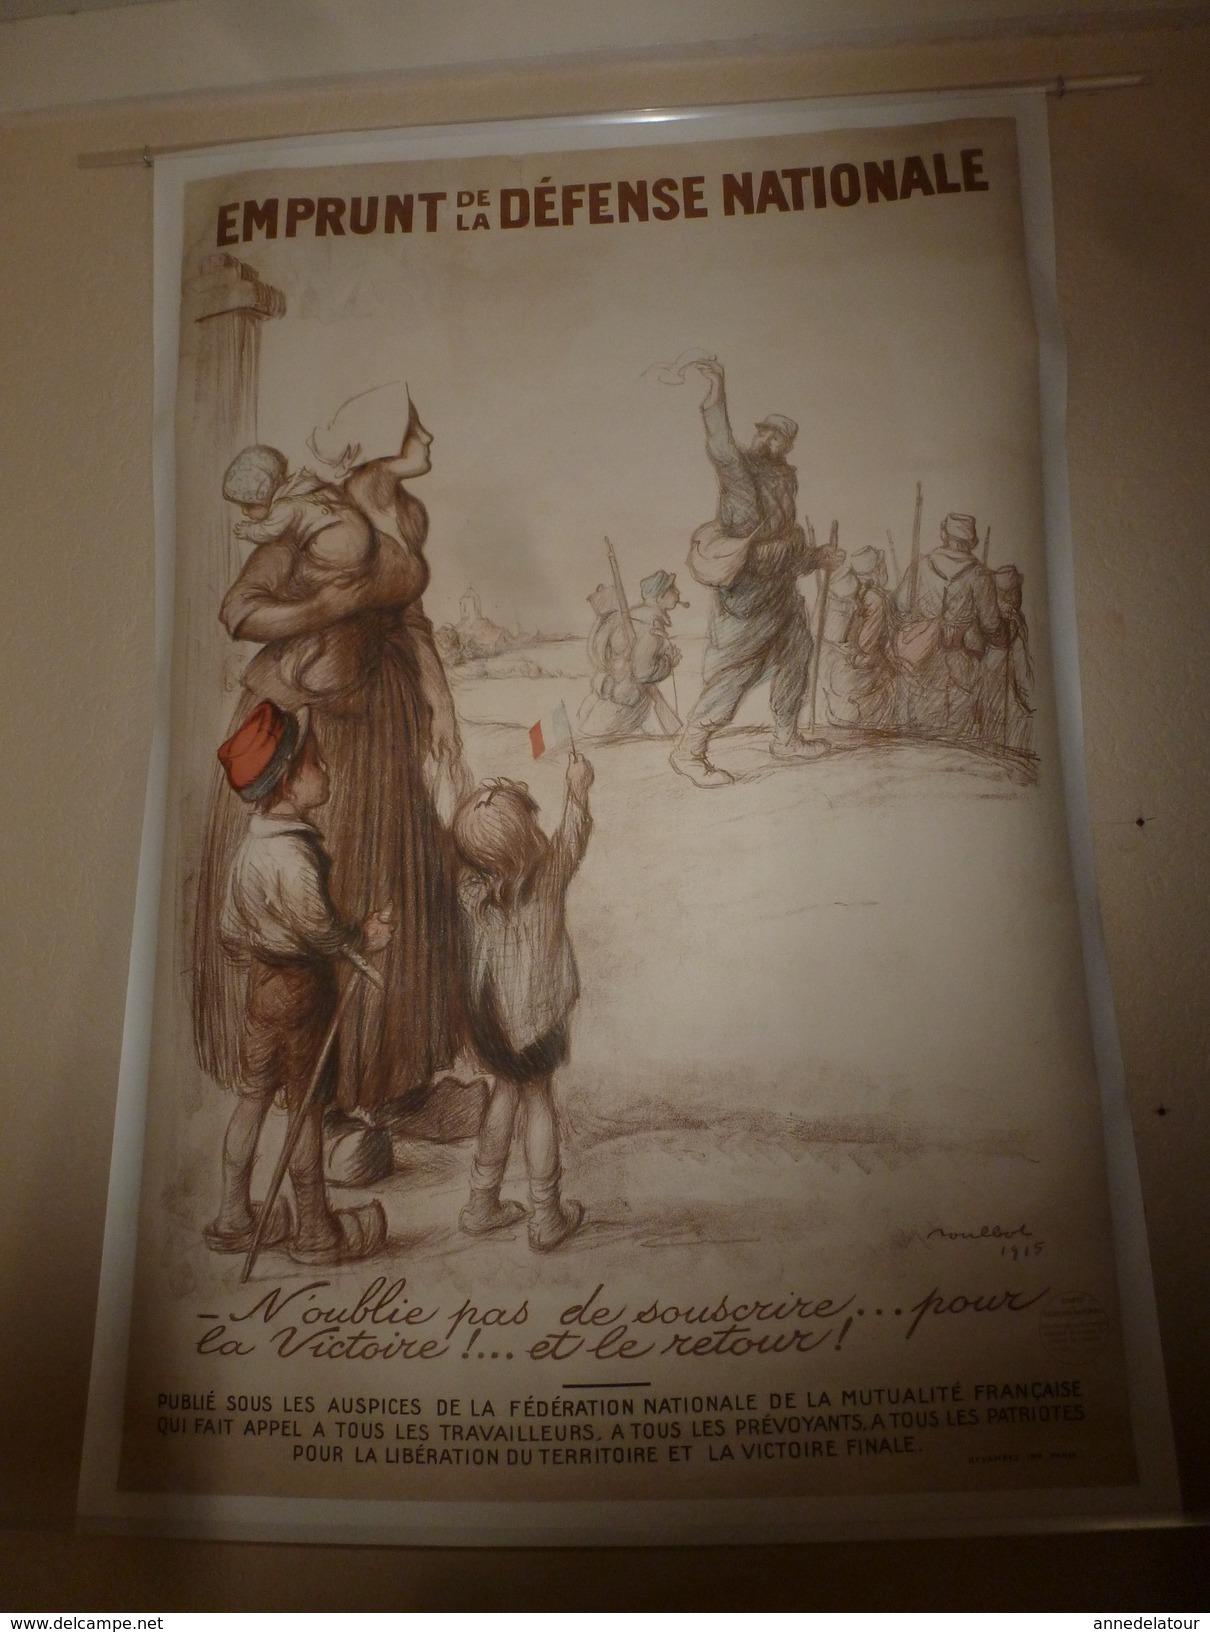 1915 Grande Affiche Ancienne Originale EMPRUNT DE LA DEFENSE NATIONALE , Imp. DEVAMBEZ, Paris (112 X 82 Cm) Par POULBOT - Posters